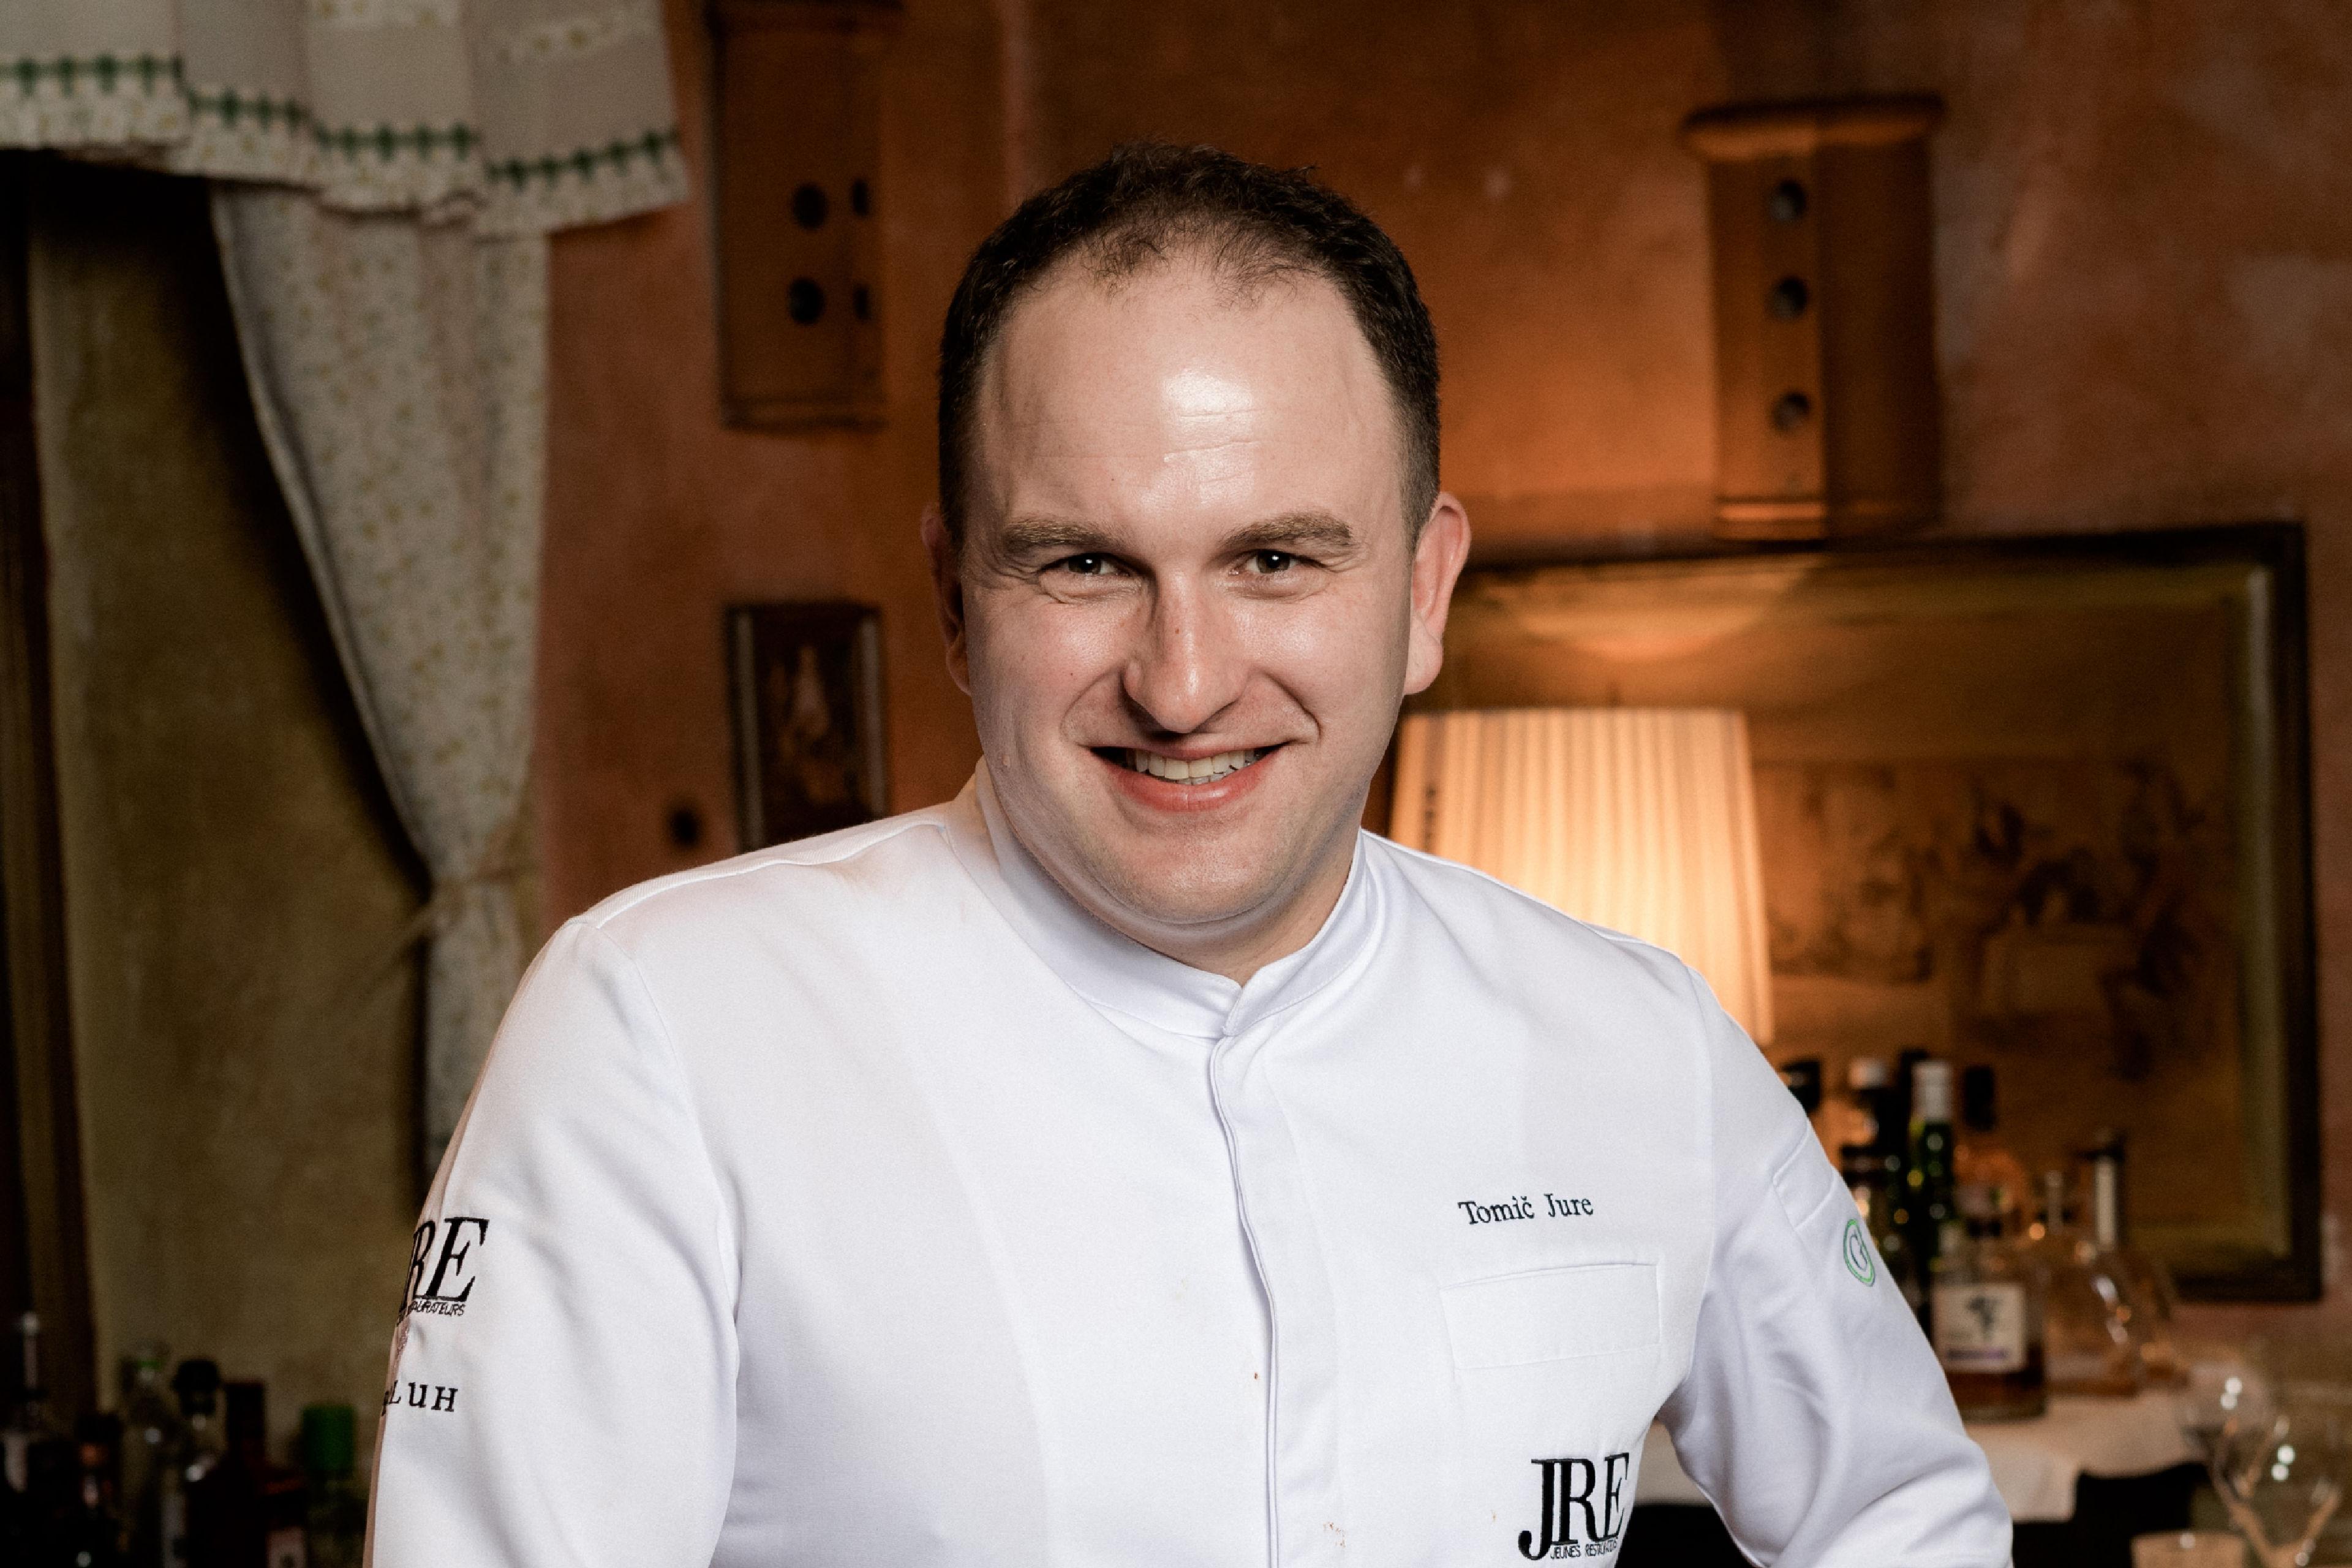 Jure Tomič, JRE Chef